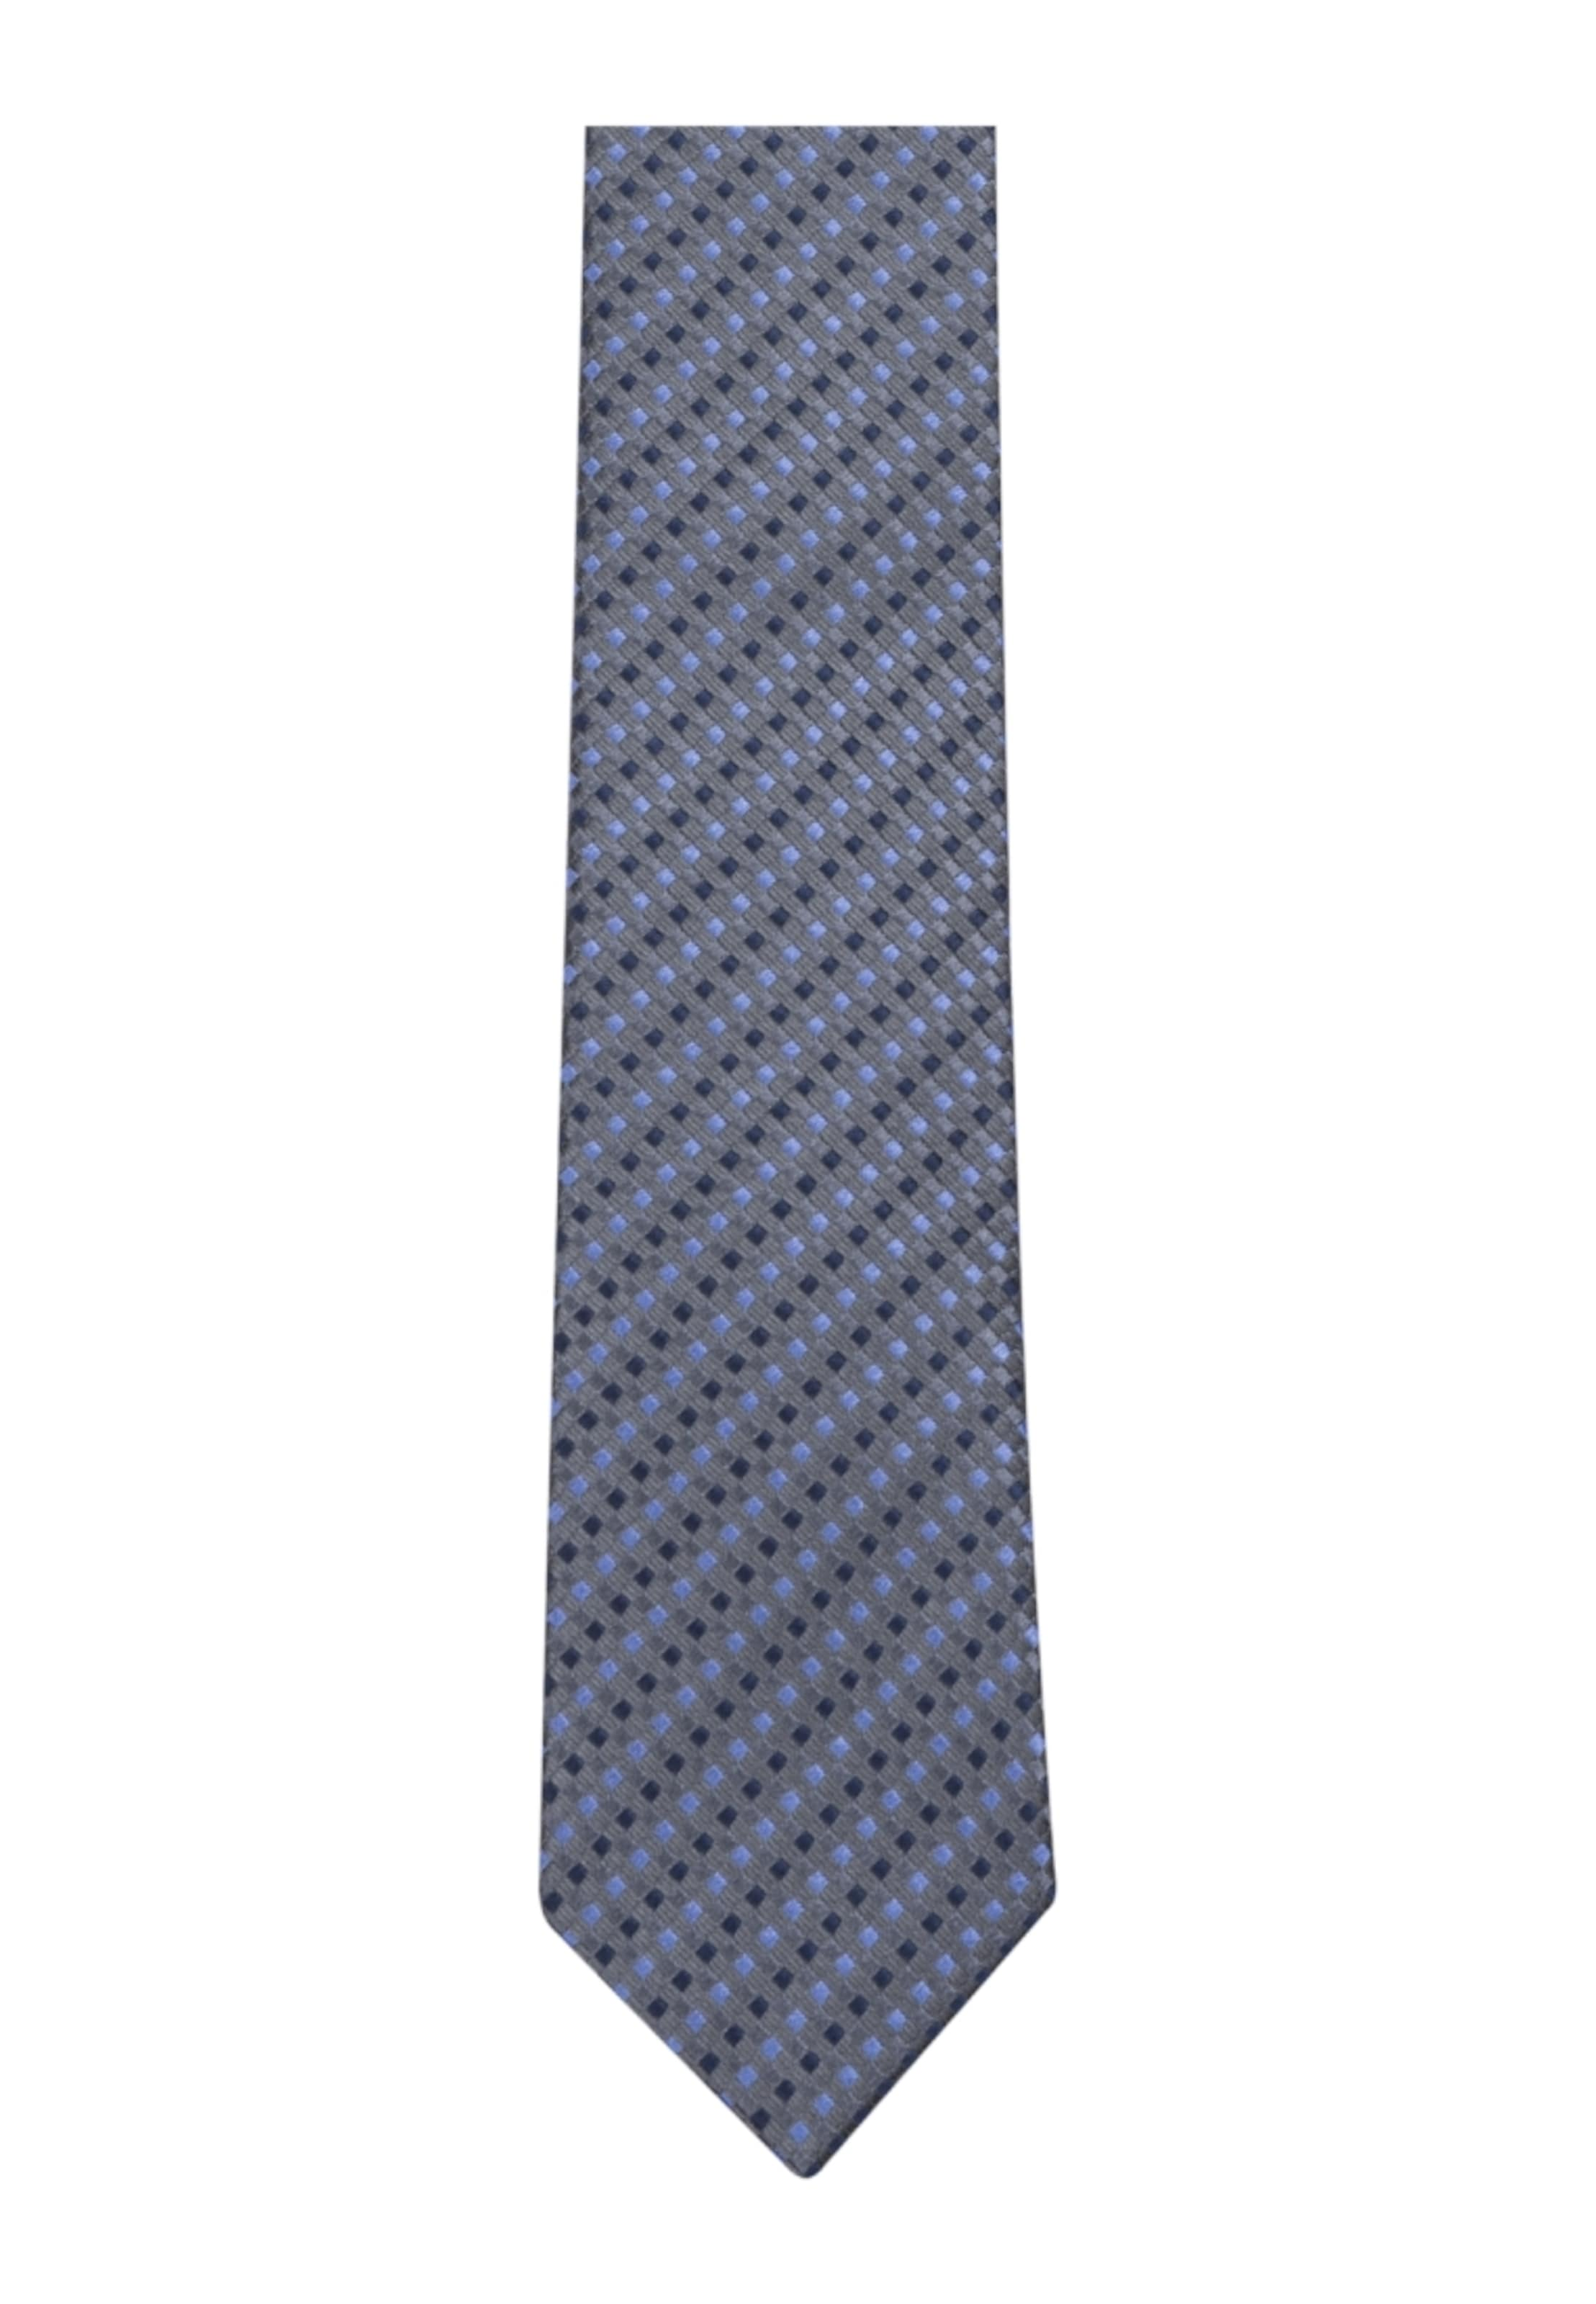 SEIDENSTICKER Krawatte 'Schwarze Rose' Schnelle Lieferung Zu Verkaufen Zum Verkauf 2018 Günstig Kaufen Modisch sNbmuG8